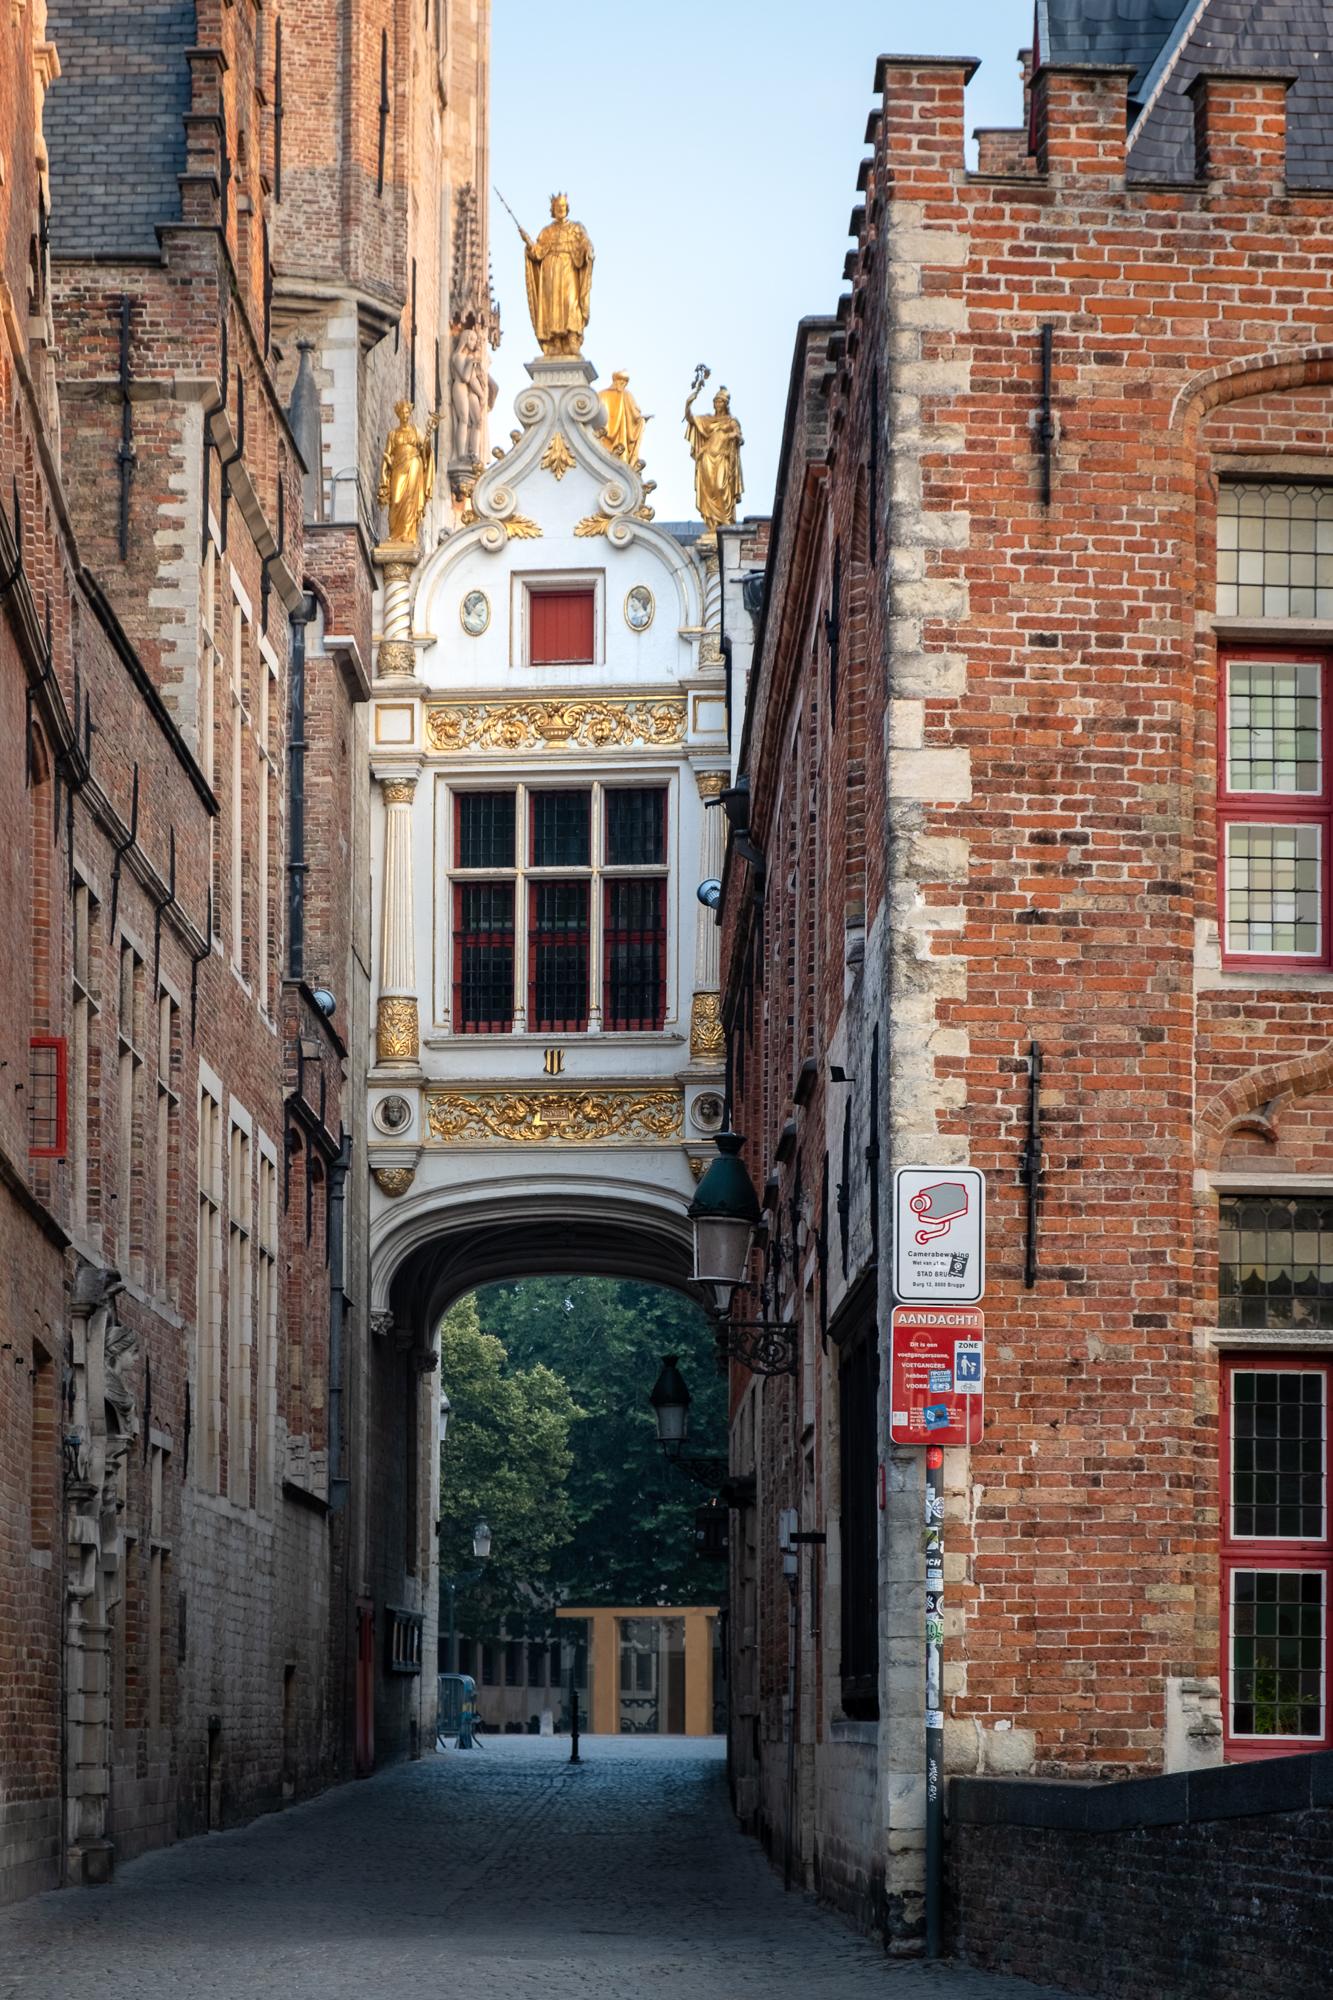 180722 - Bruges - Sunrise - Golden Palace of Justice 001.jpg